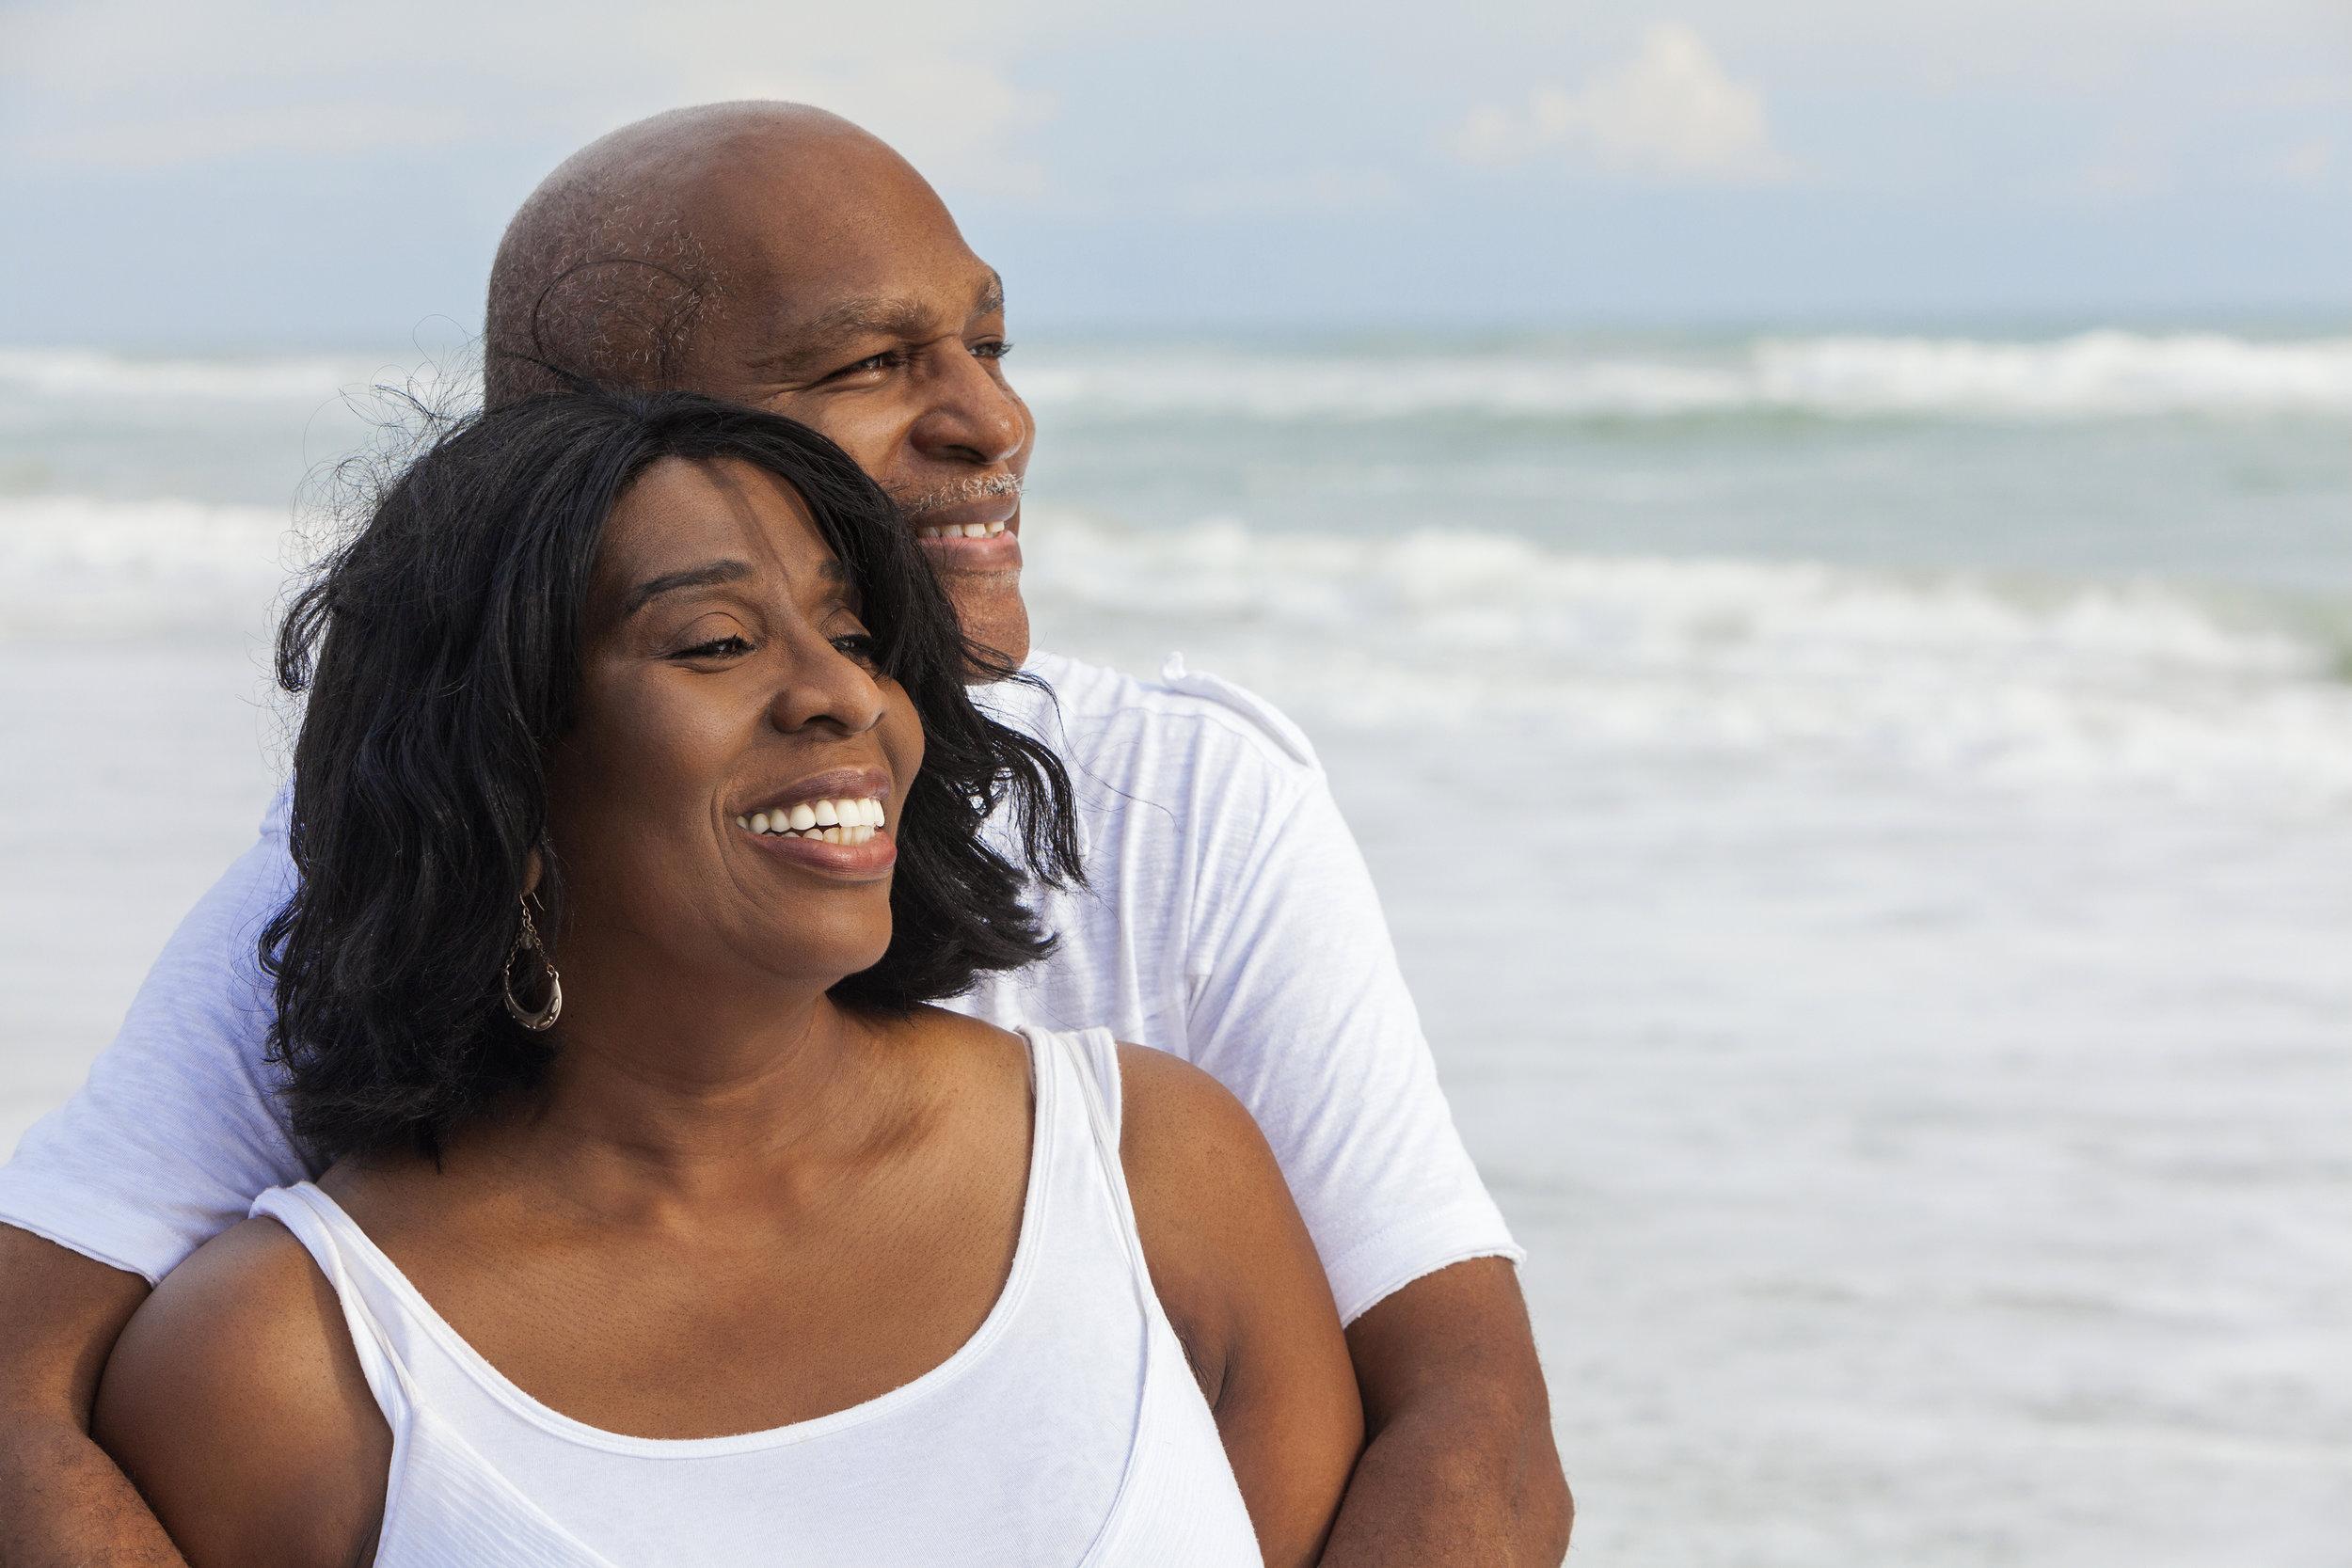 Happy couple beach portrait photo